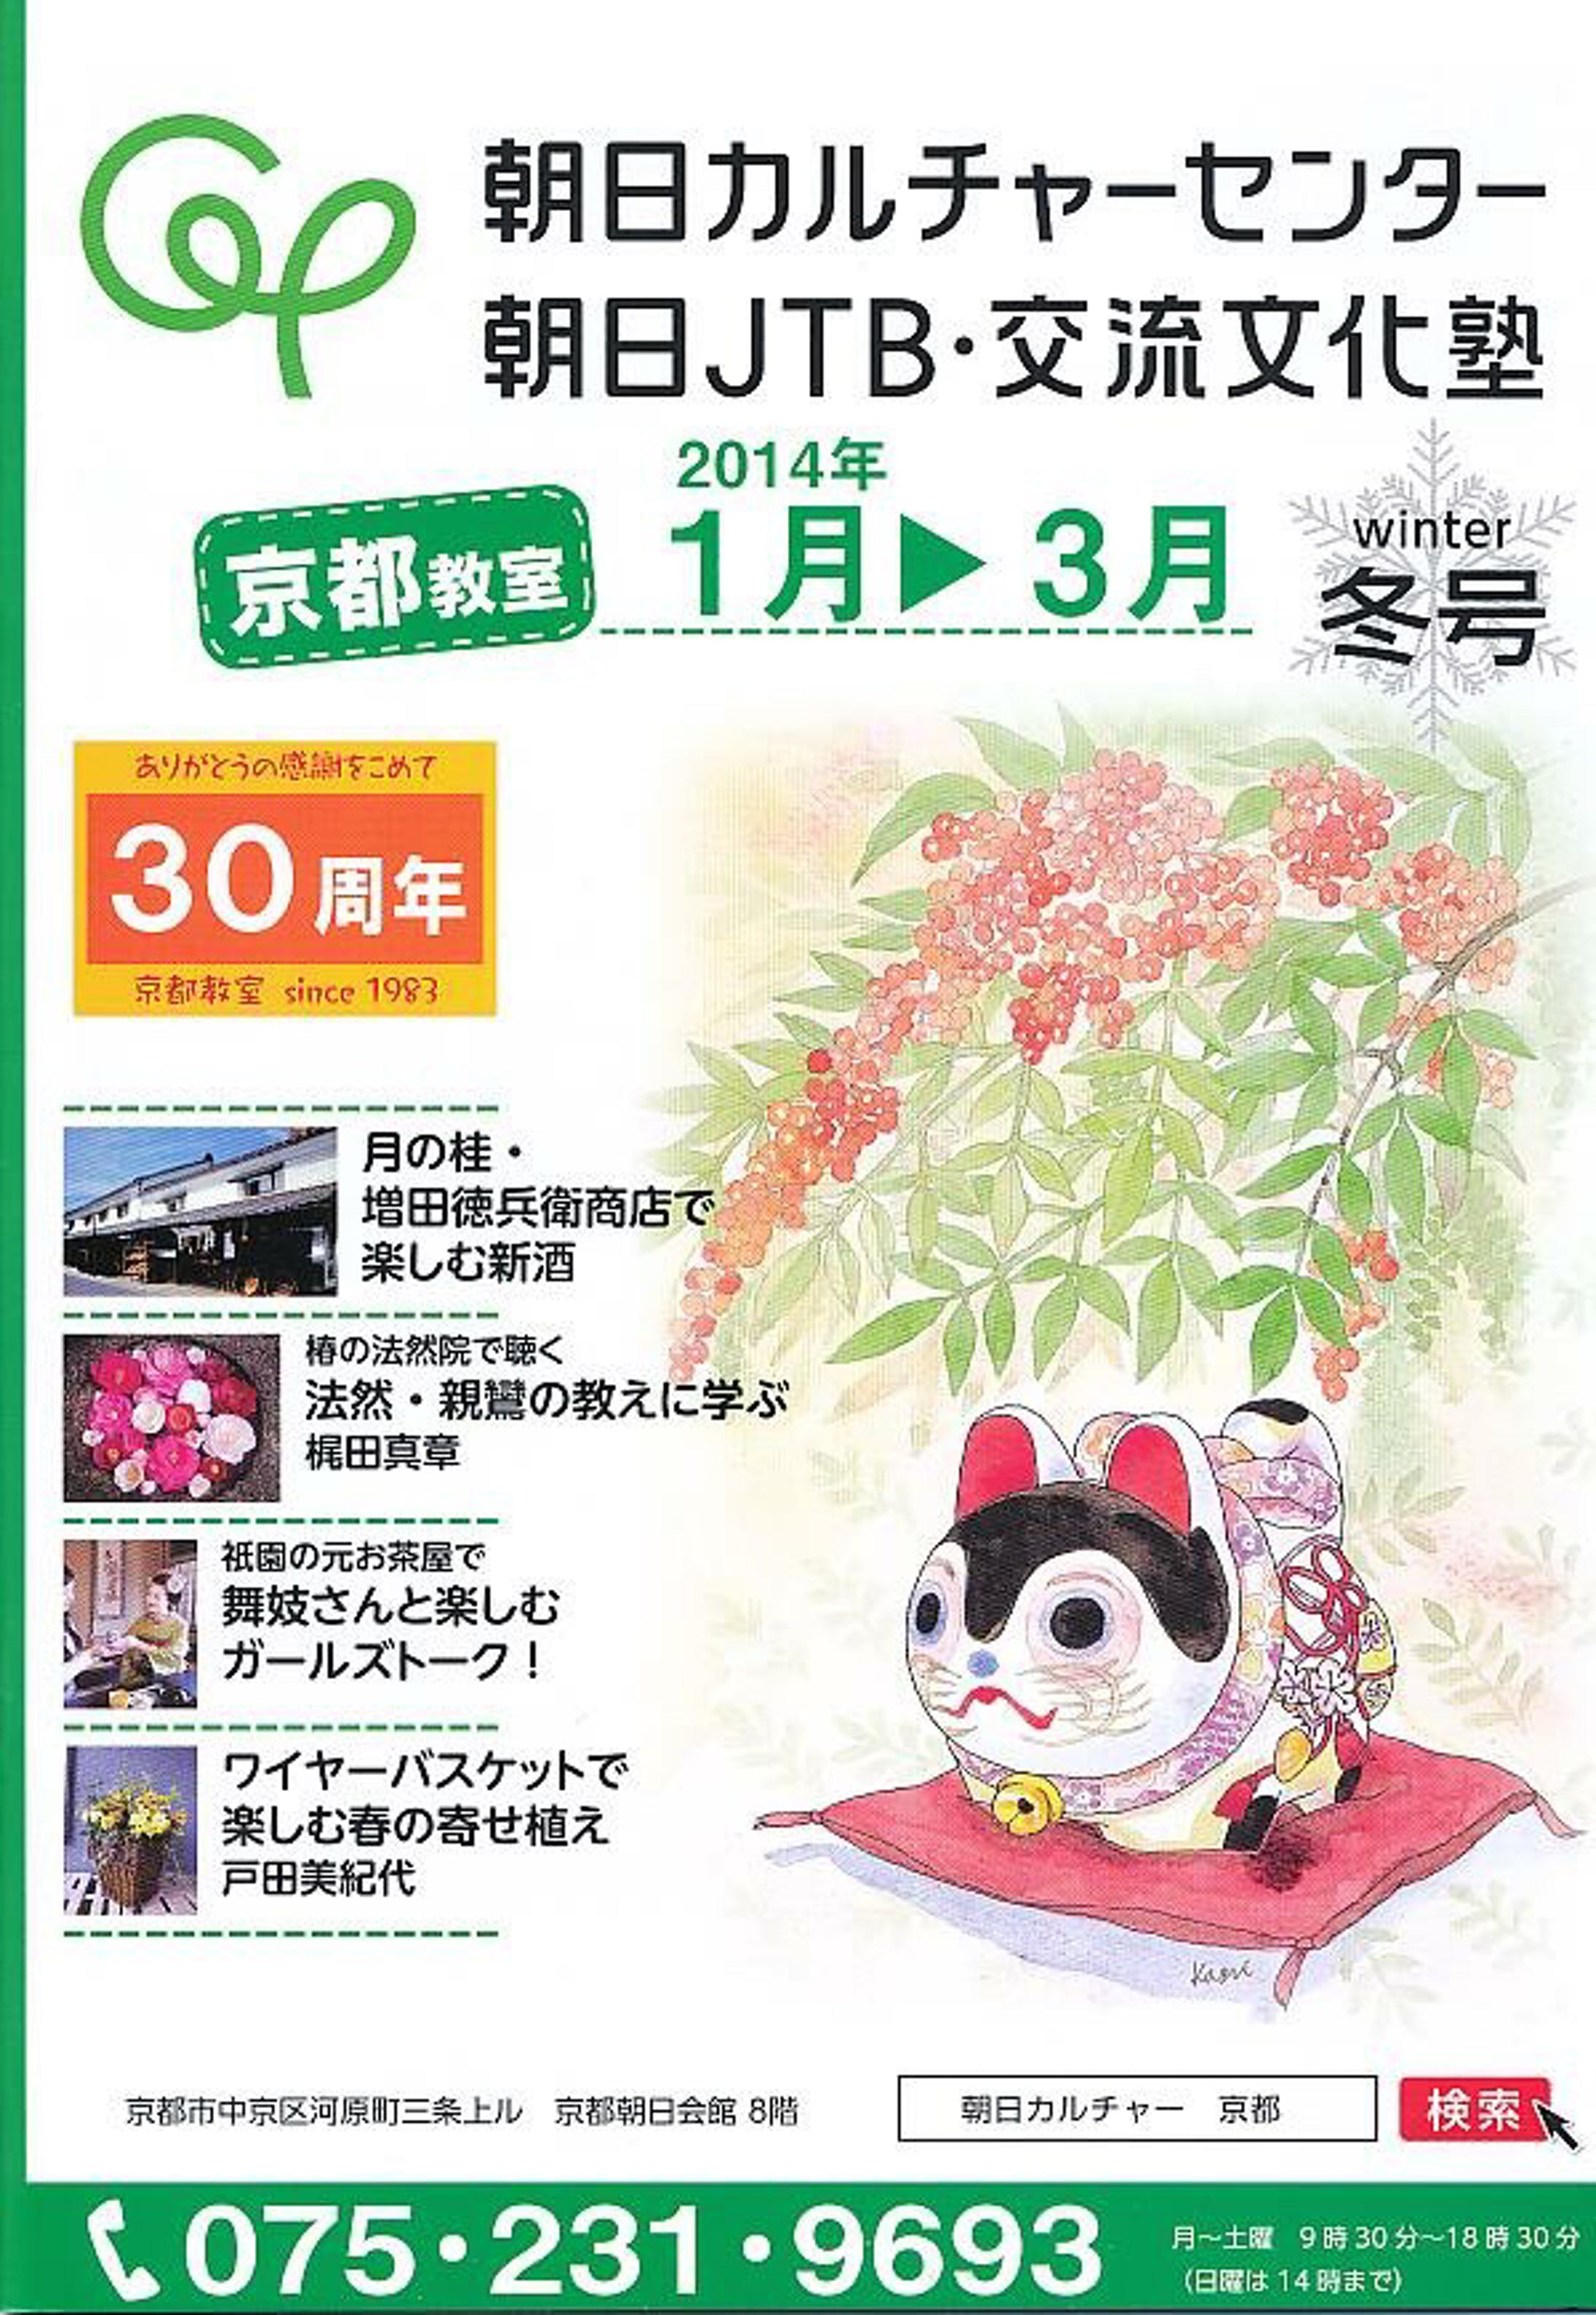 【朝日カルチャーセンター パンフレット表紙イラスト】-10